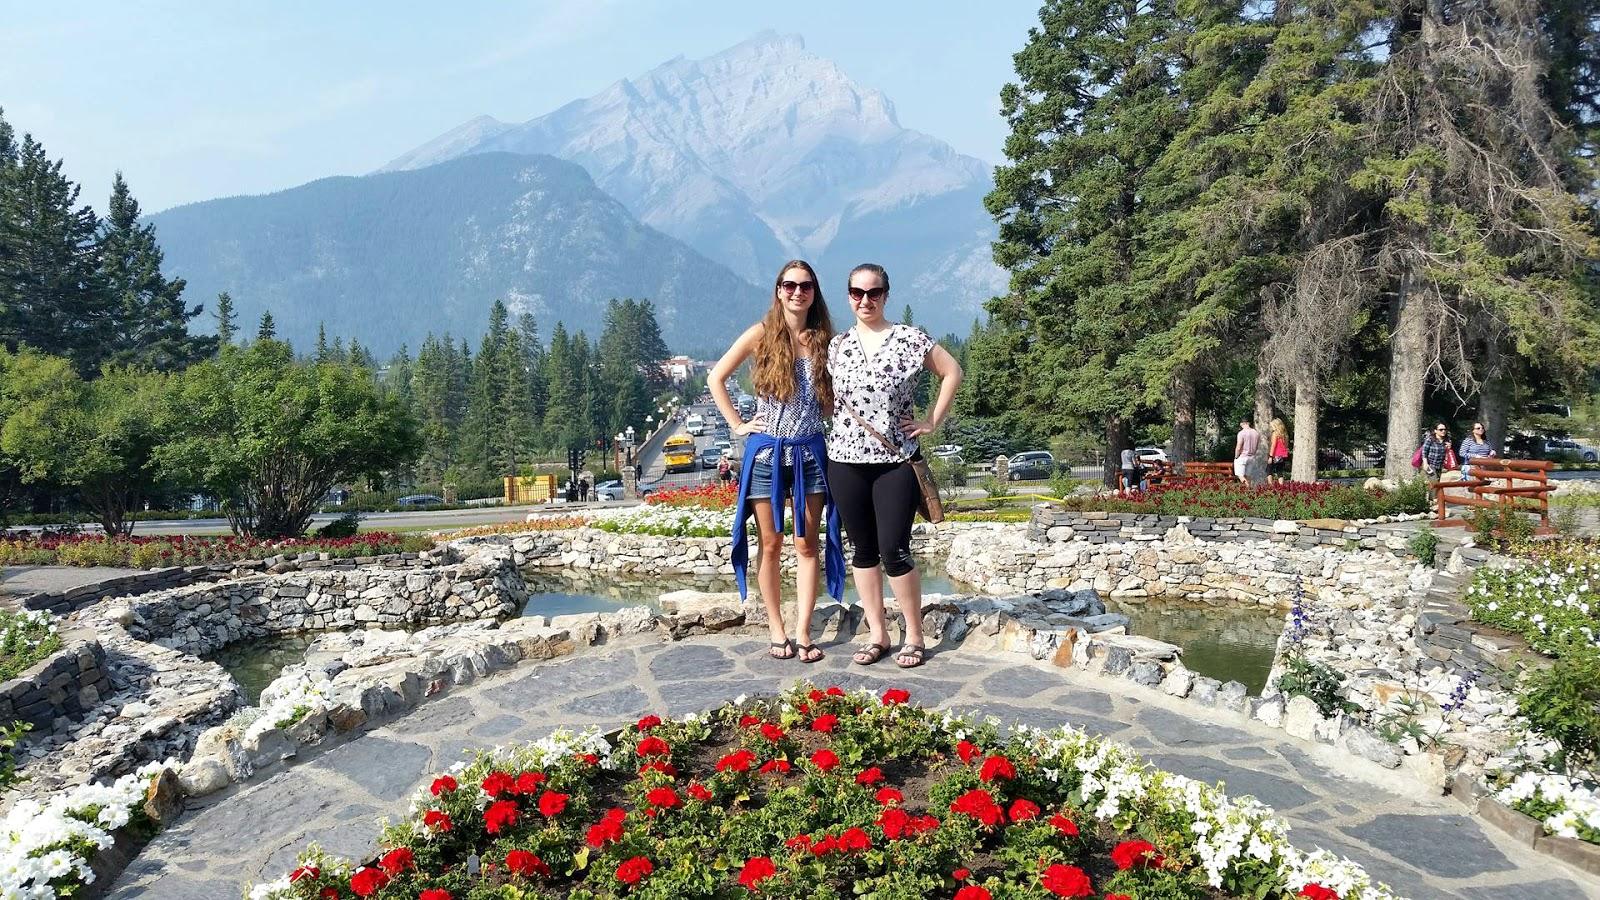 Cascade Gardens Town Banff Alberta Canada